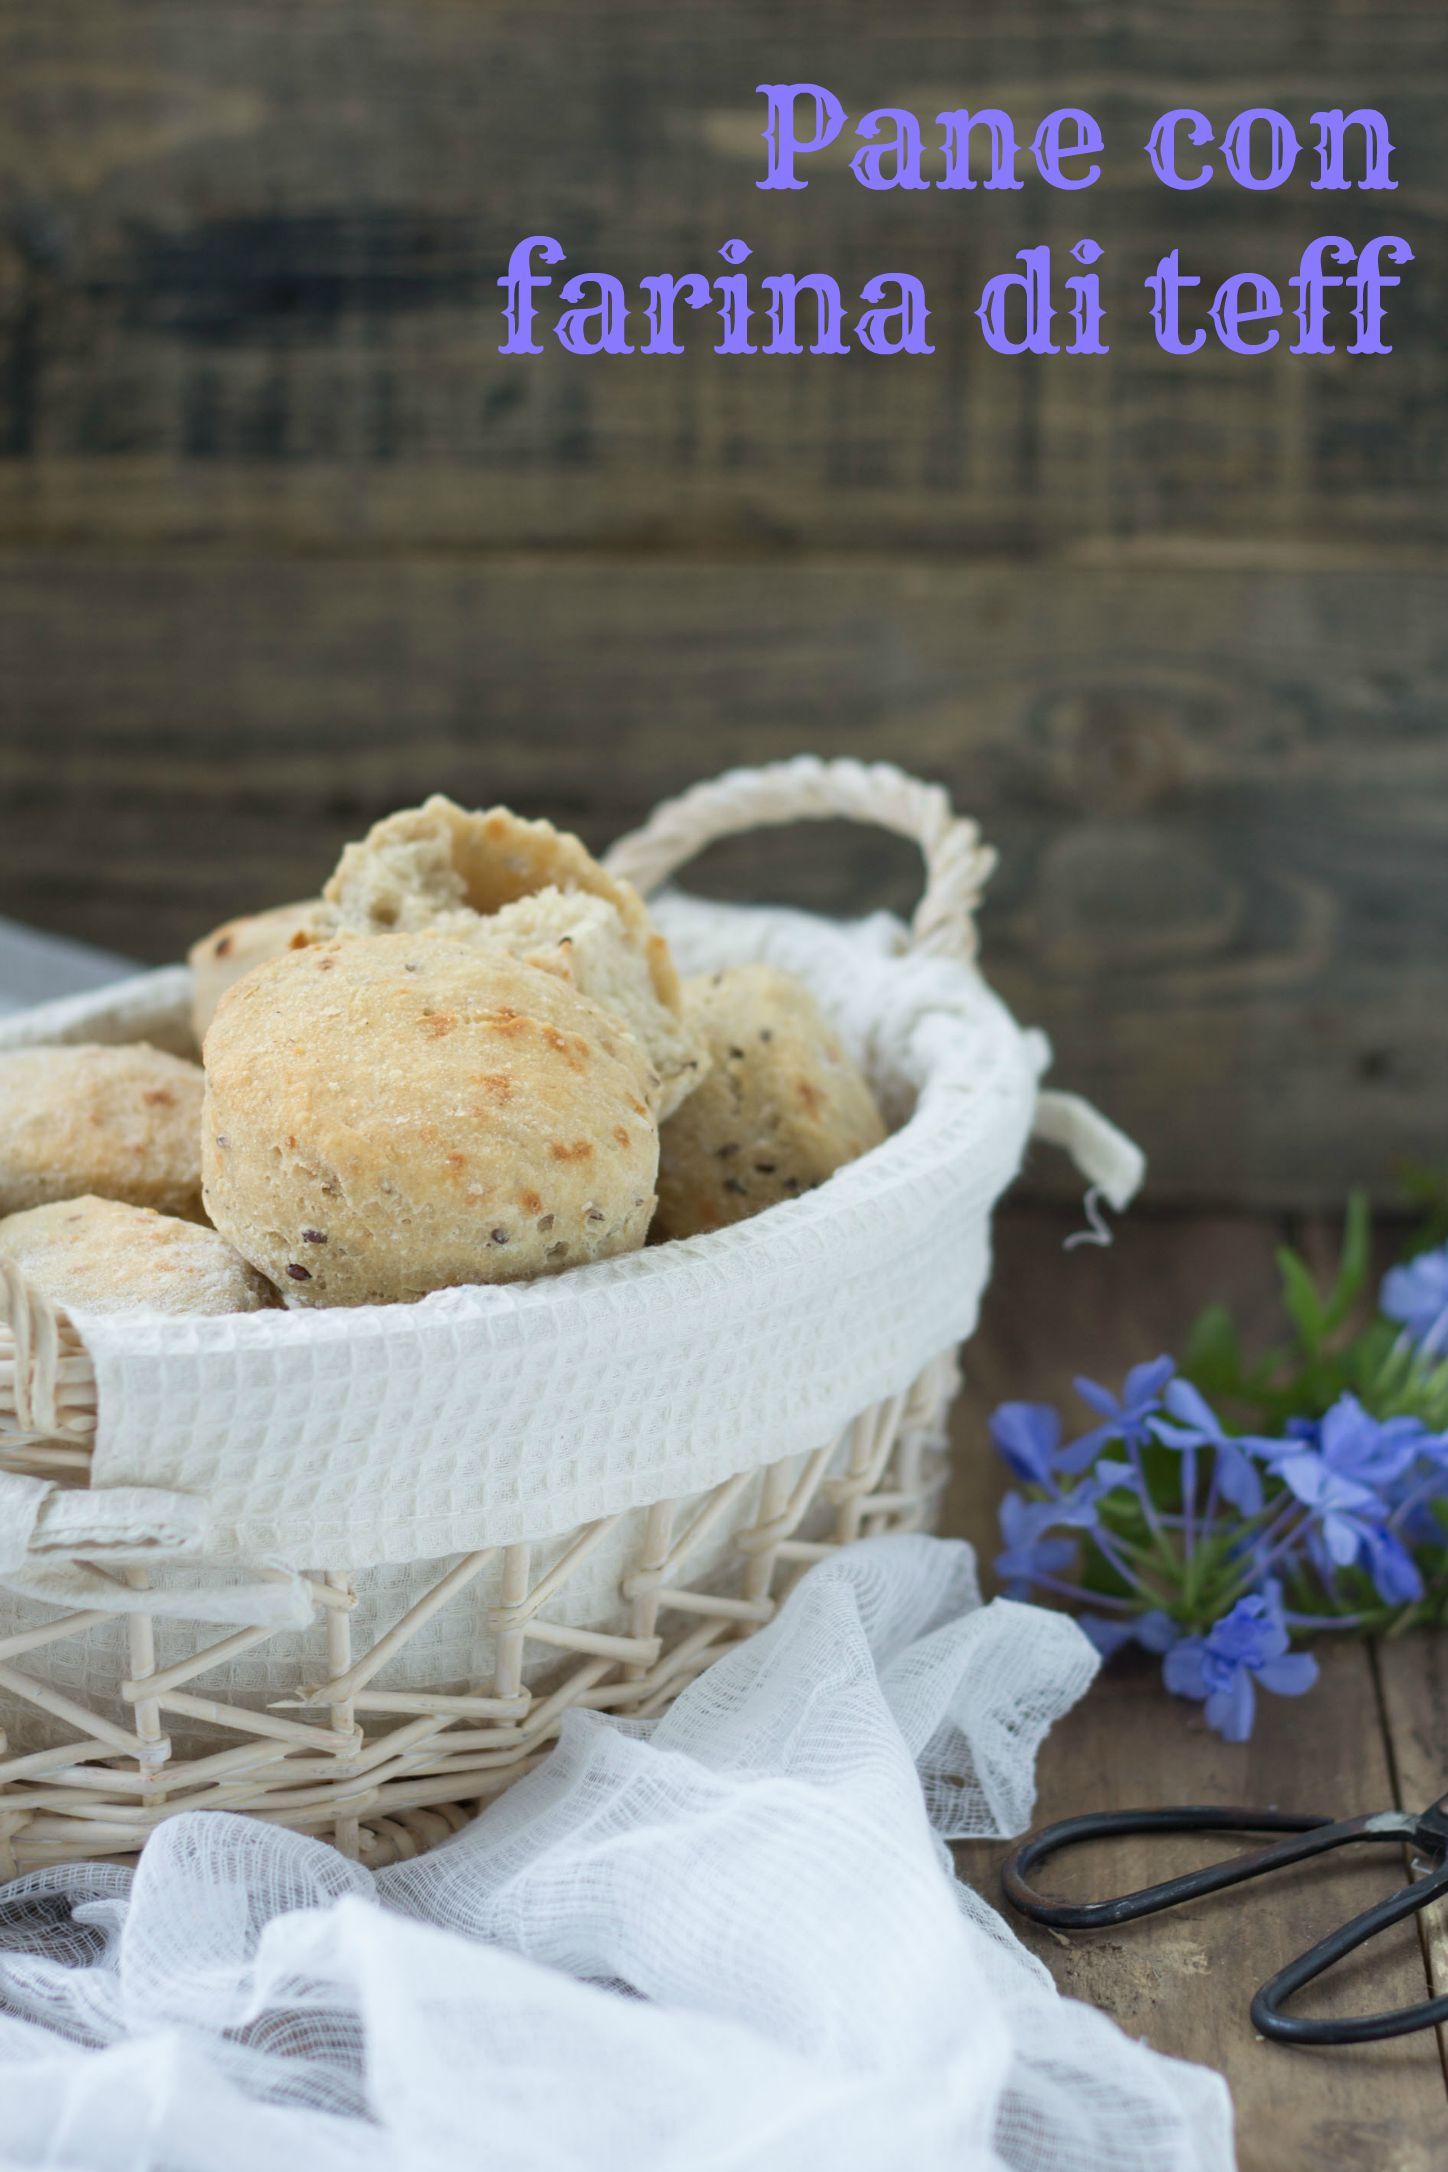 Panini senza glutine con farina di teff - Cardamomo & co